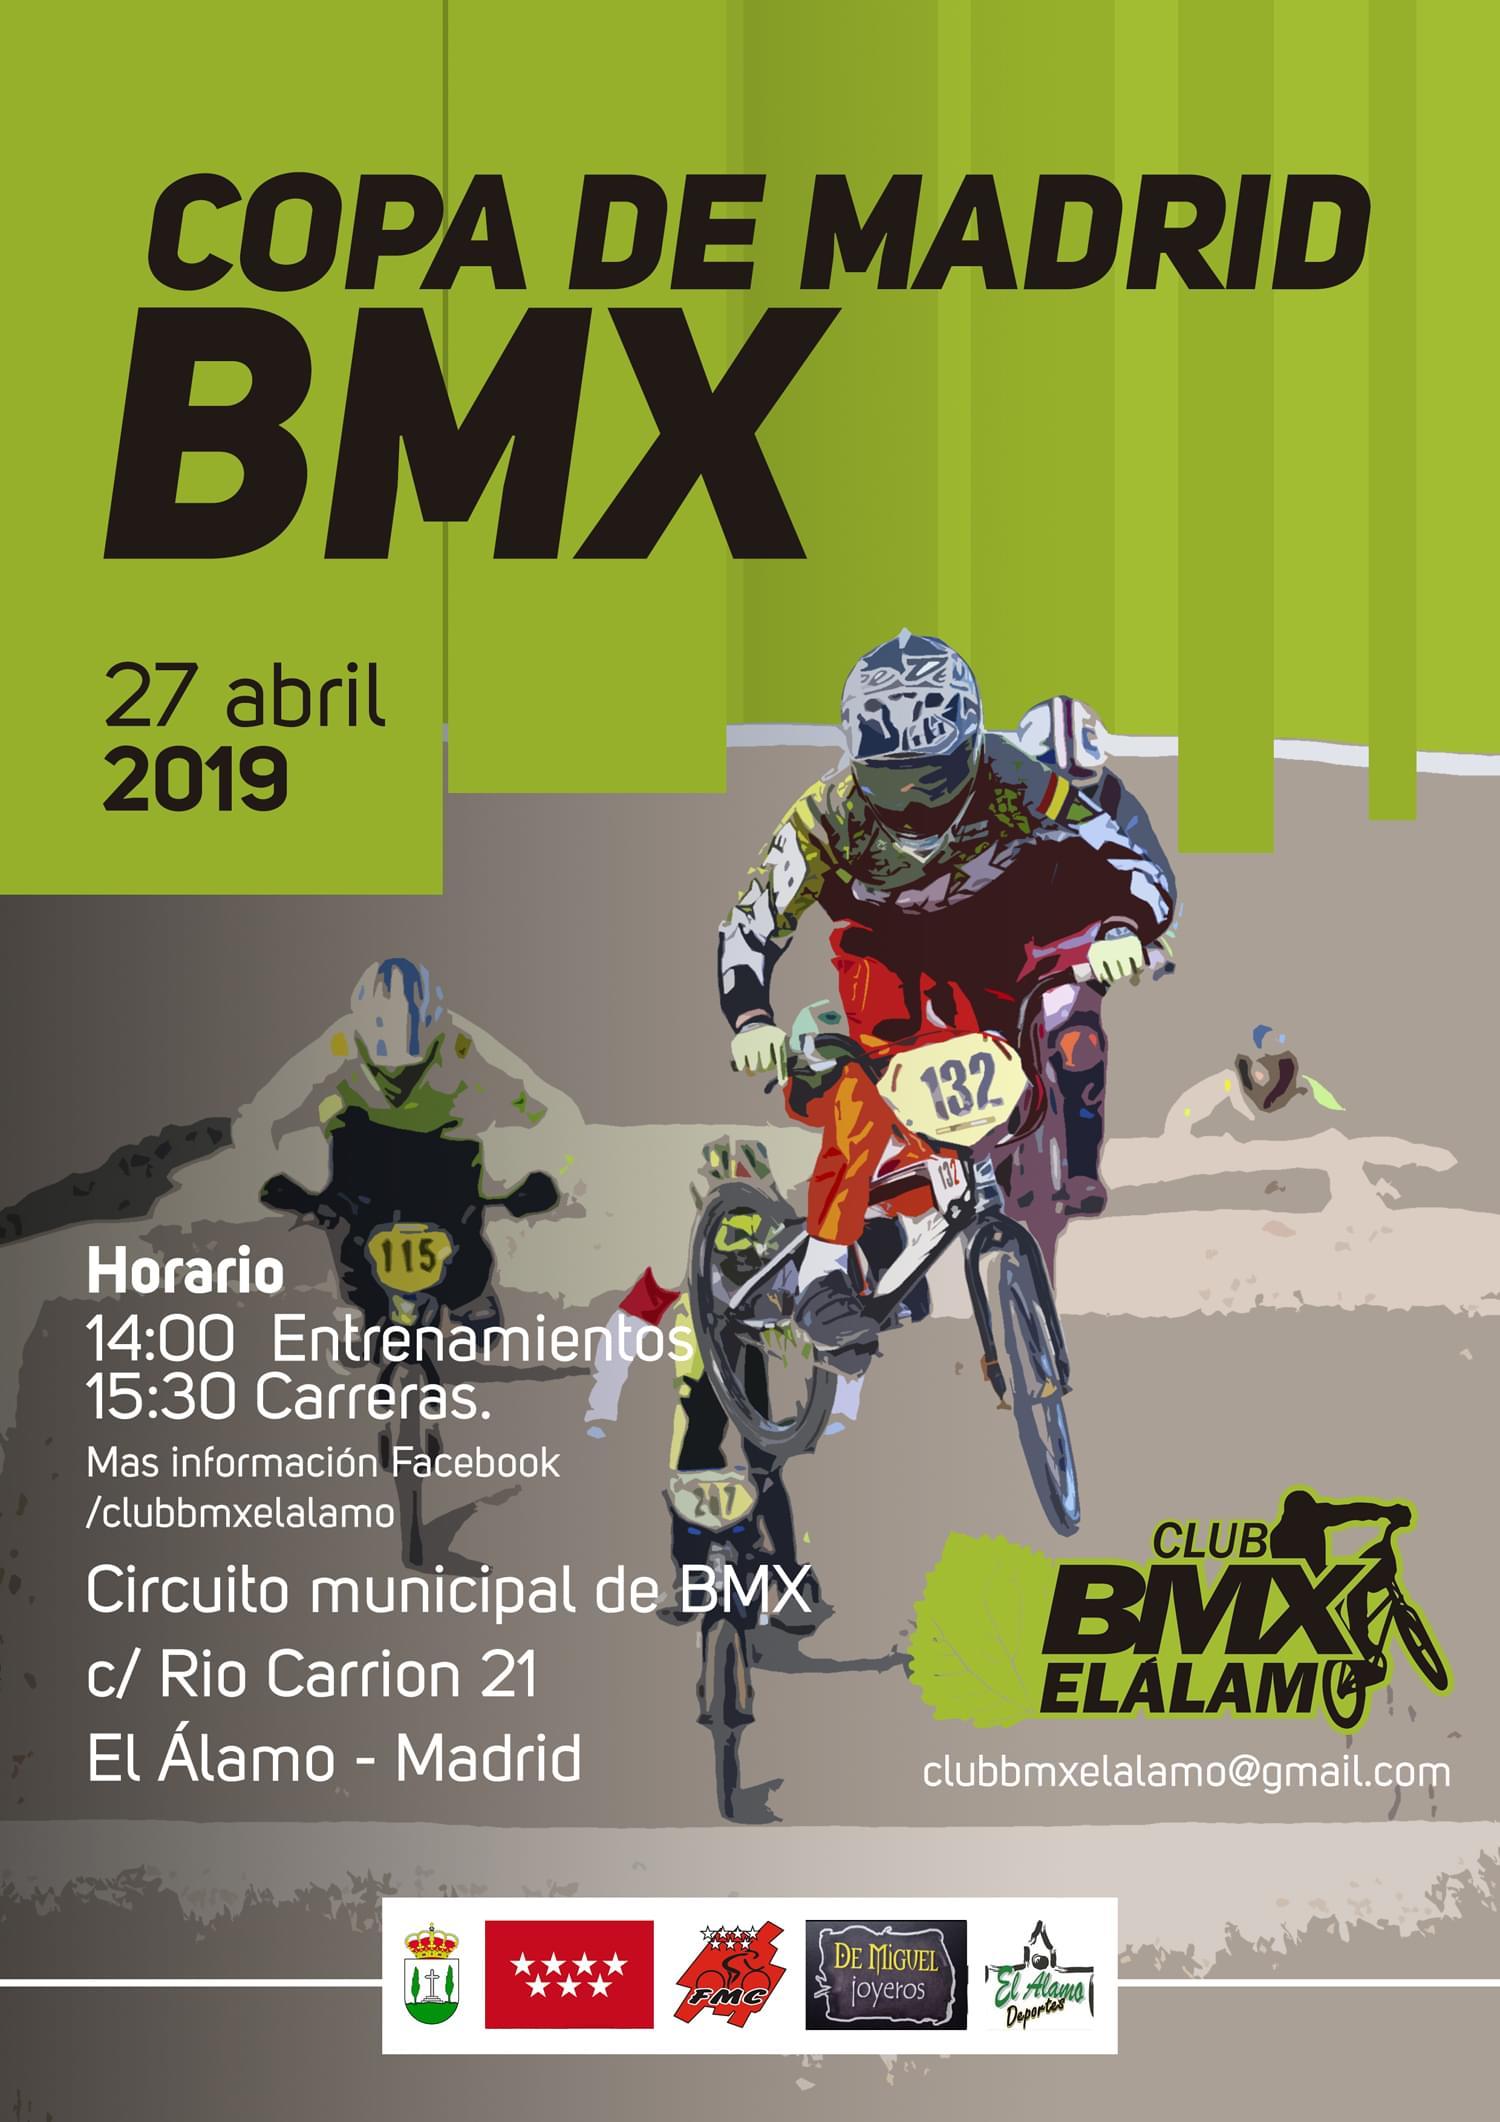 La tercera cita de la Copa de Madrid de BMX, el 27 de Abril en El Álamo